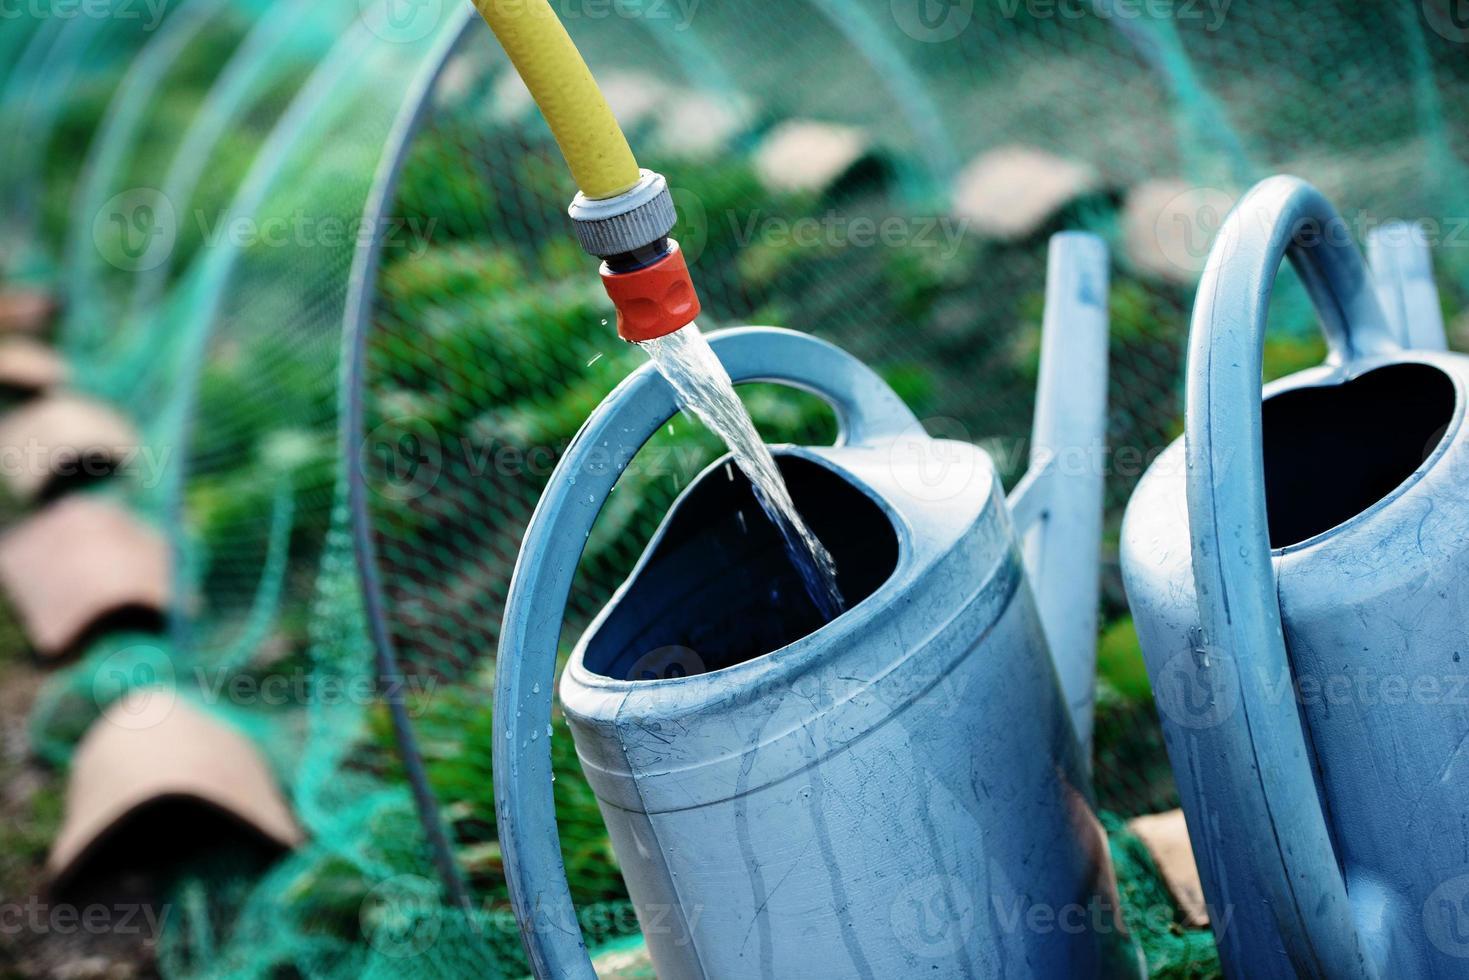 trädgårdsarbete, fylla vattenkanna med vatten för att vattna växterna foto